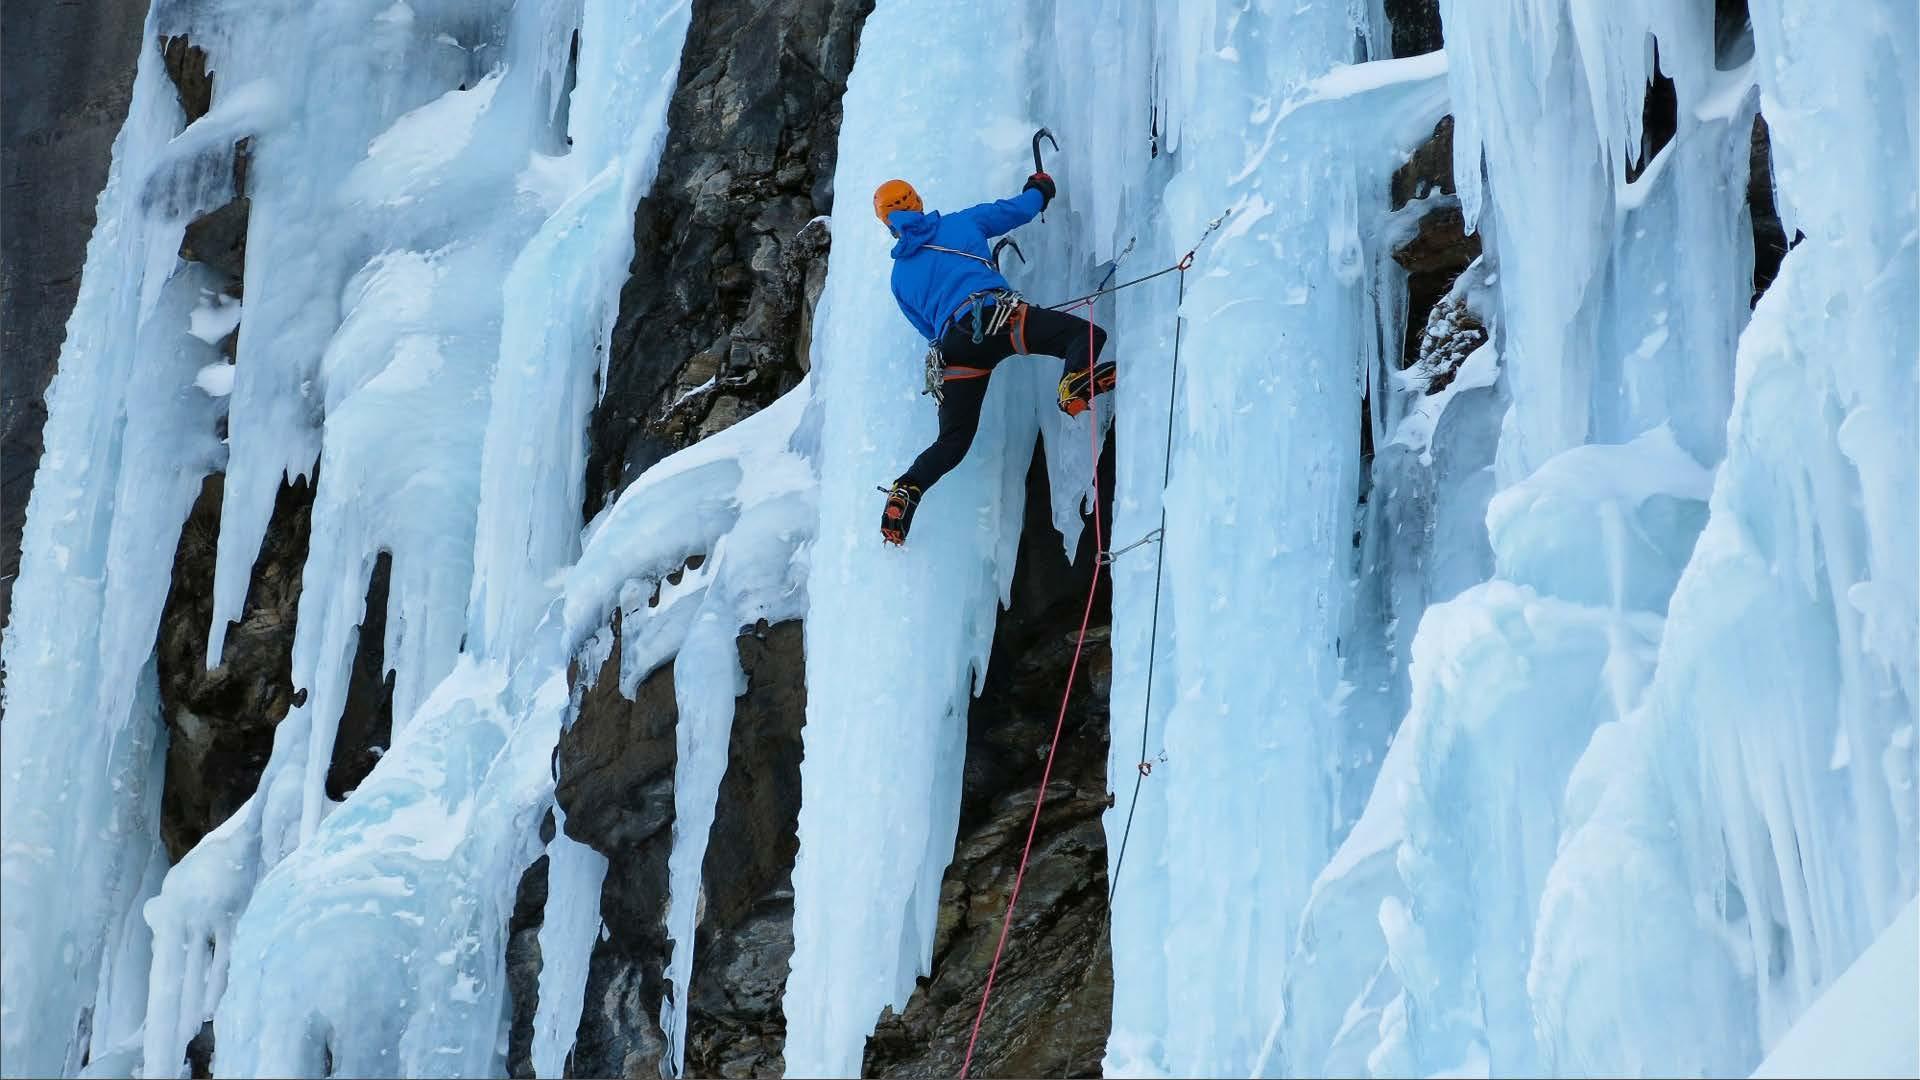 Kenton Cool Ice Climbing